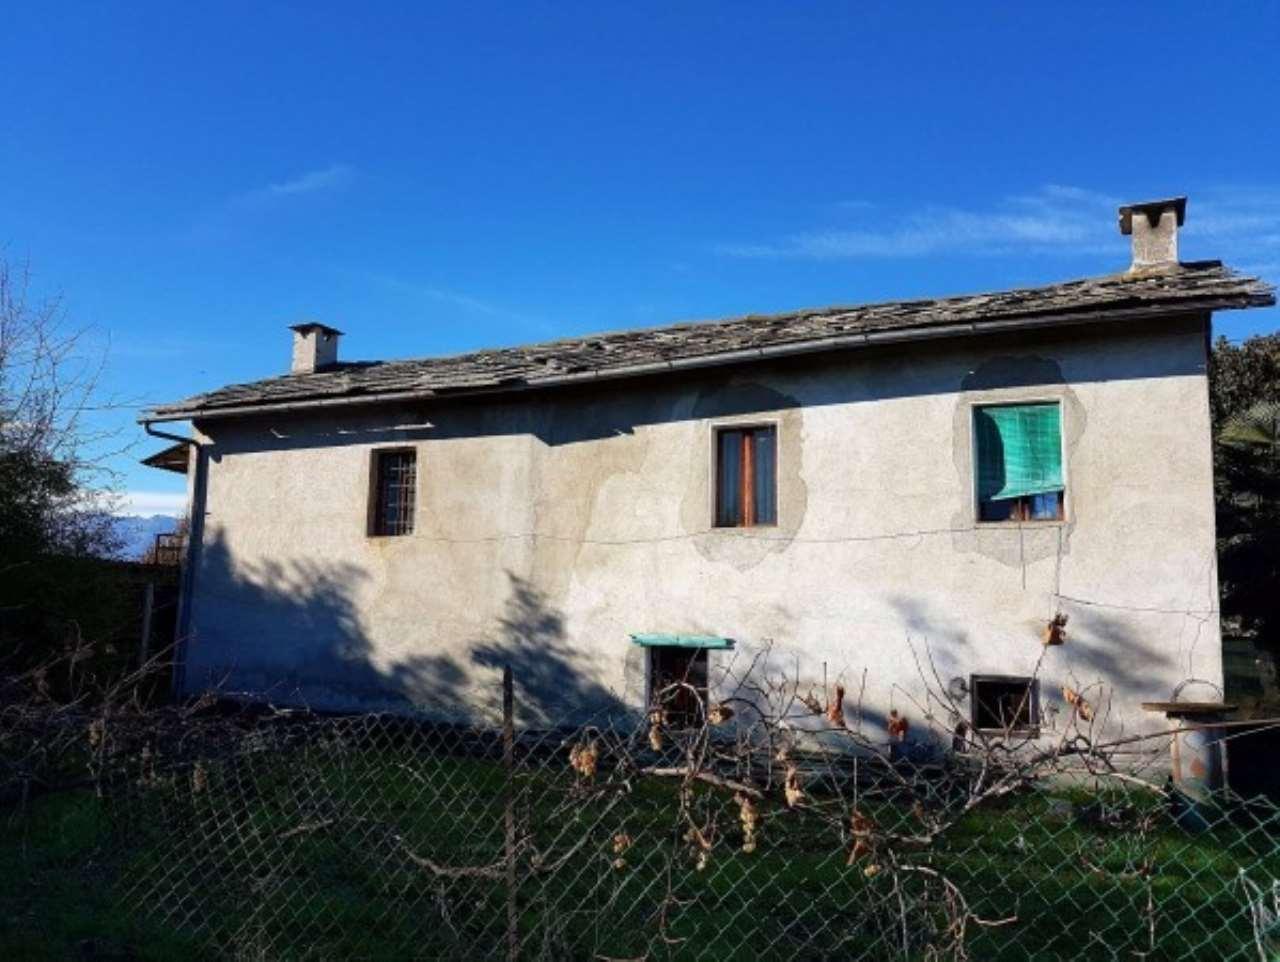 Rustico / Casale in vendita a Cavour, 5 locali, prezzo € 85.000   Cambio Casa.it